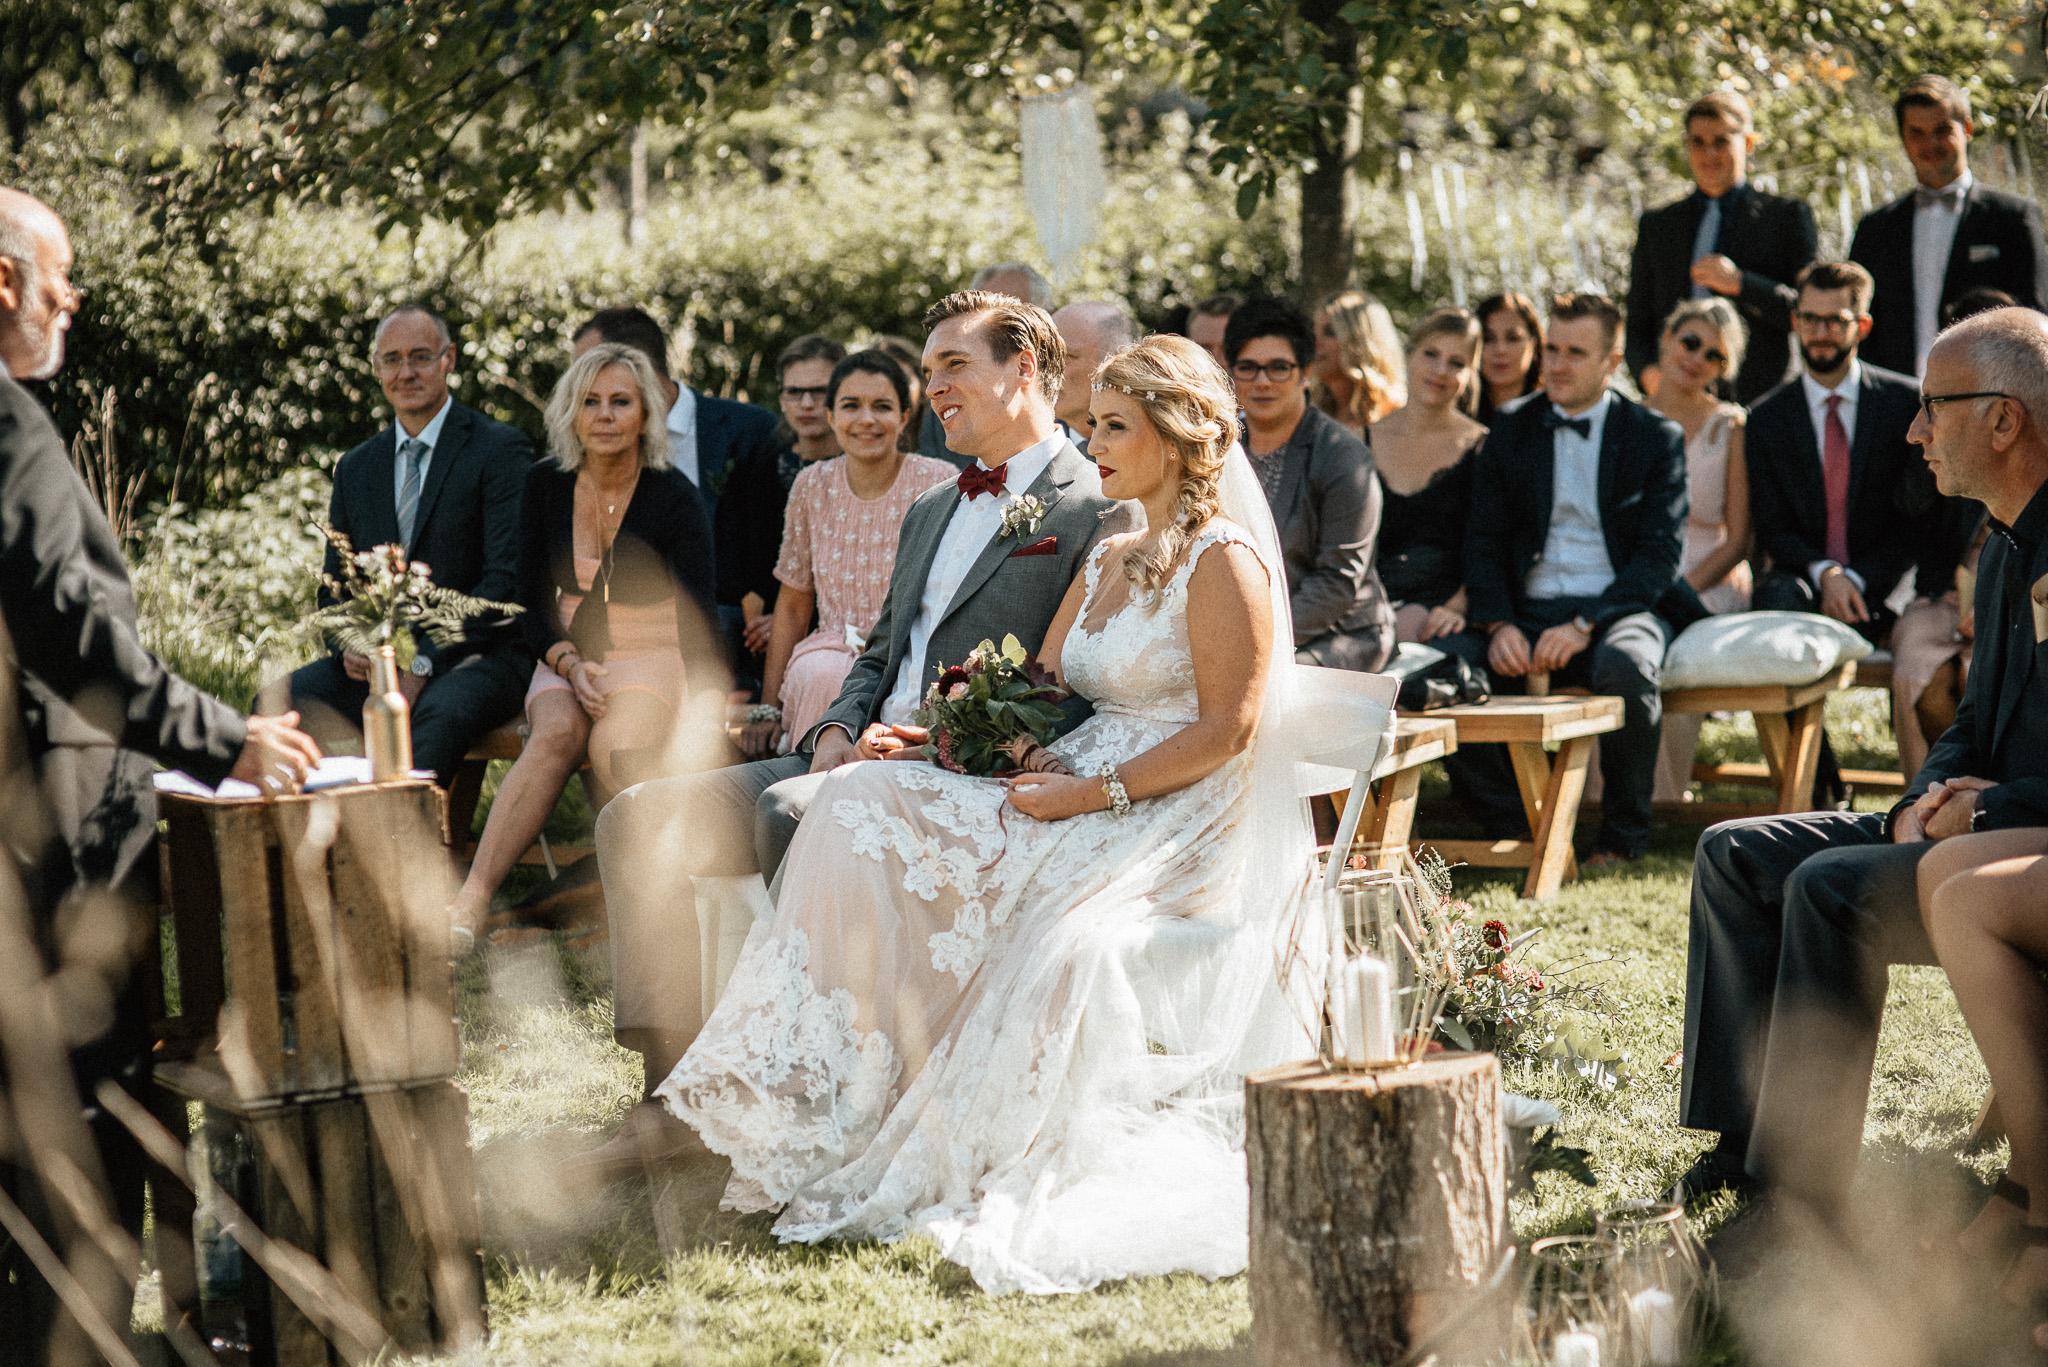 Trauung im Freien - Hochzeitsreportage Aachen Gianna und Tobi - Timo Hess Fotografie Trauung im Freien - Hochzeitsreportage Aachen Gianna und Tobi - Timo Hess Fotografie